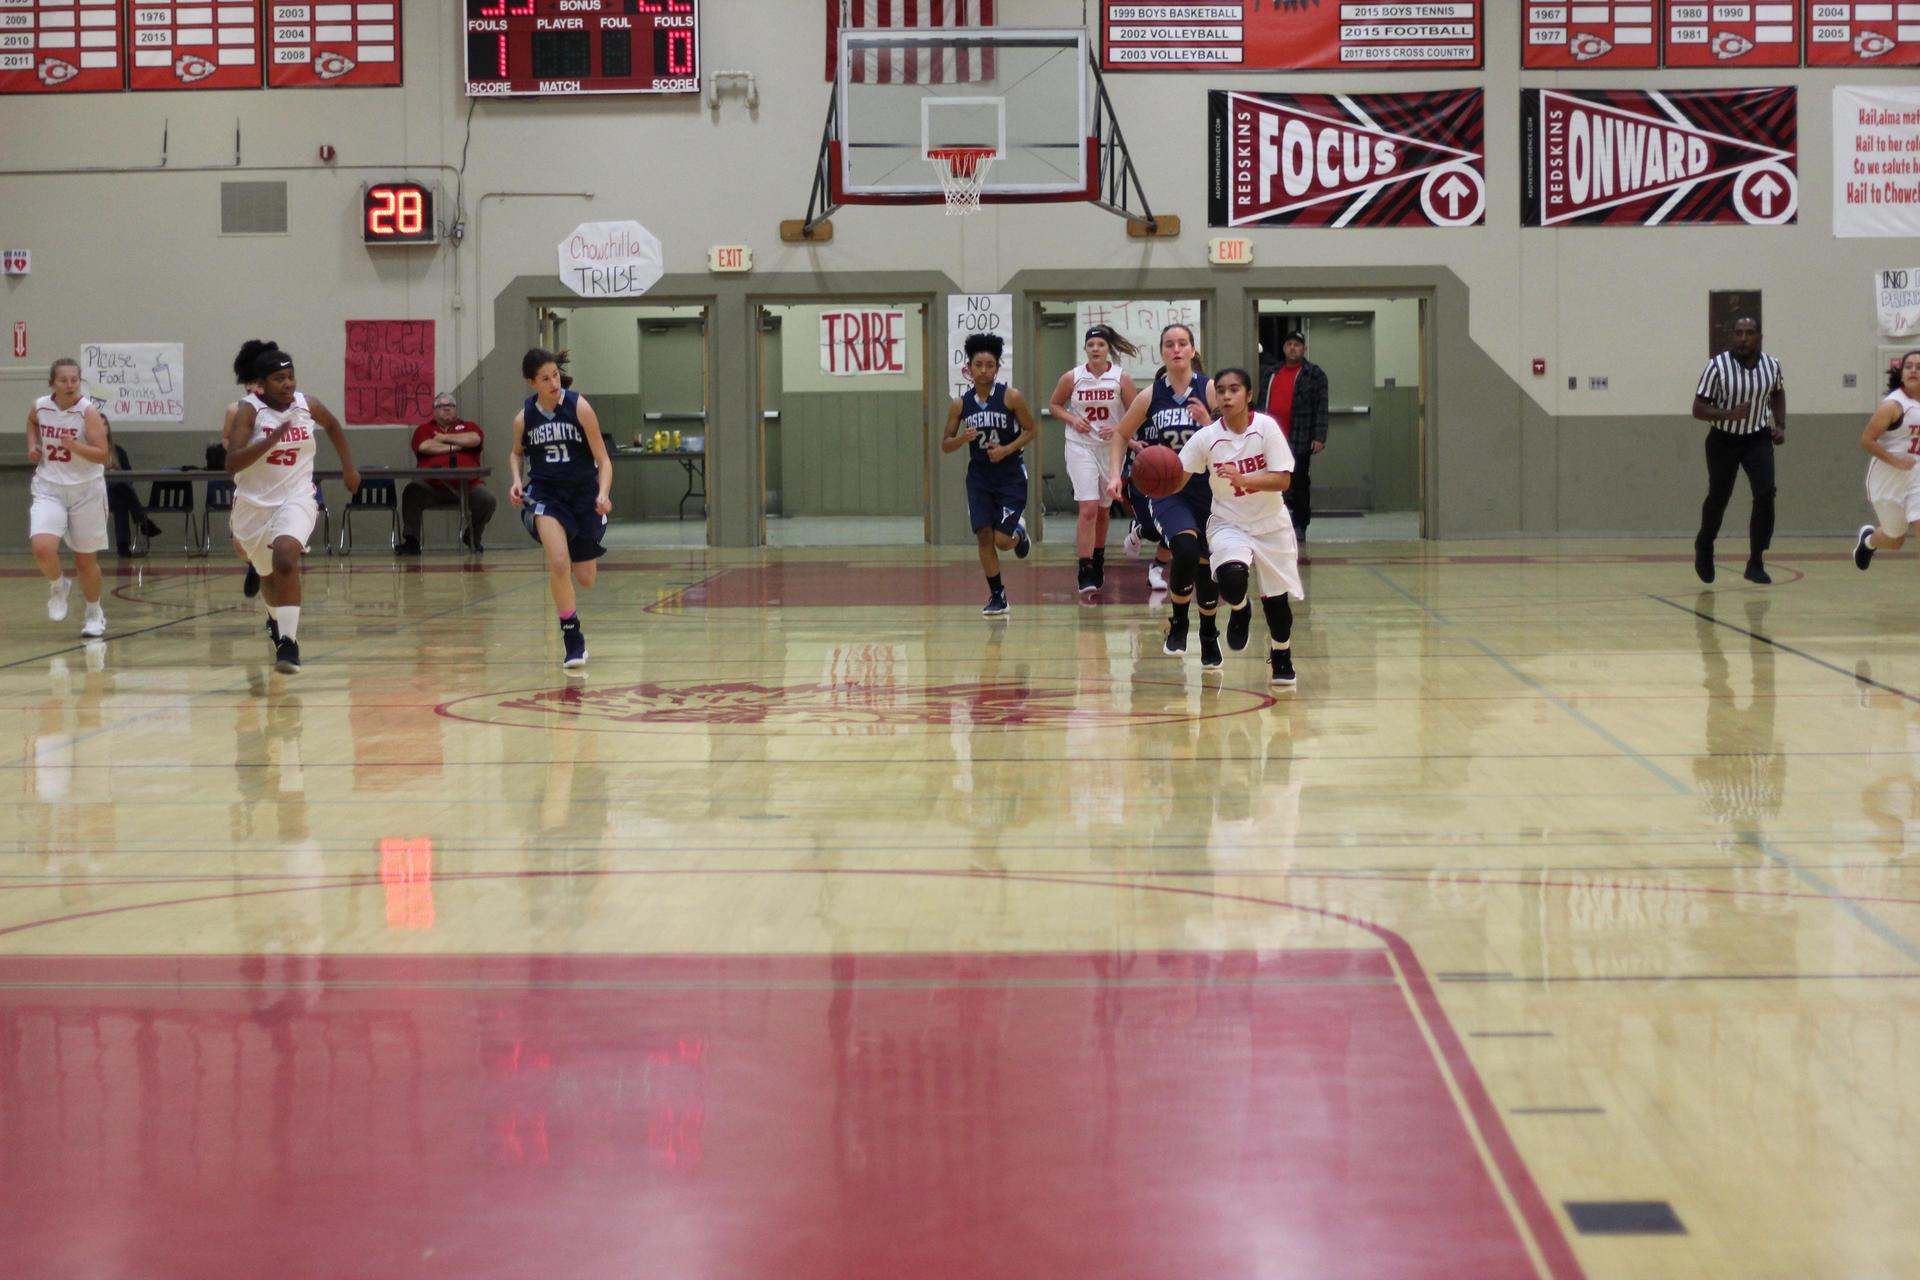 Chowchilla High Athletes at Basketball game vs Yosemite